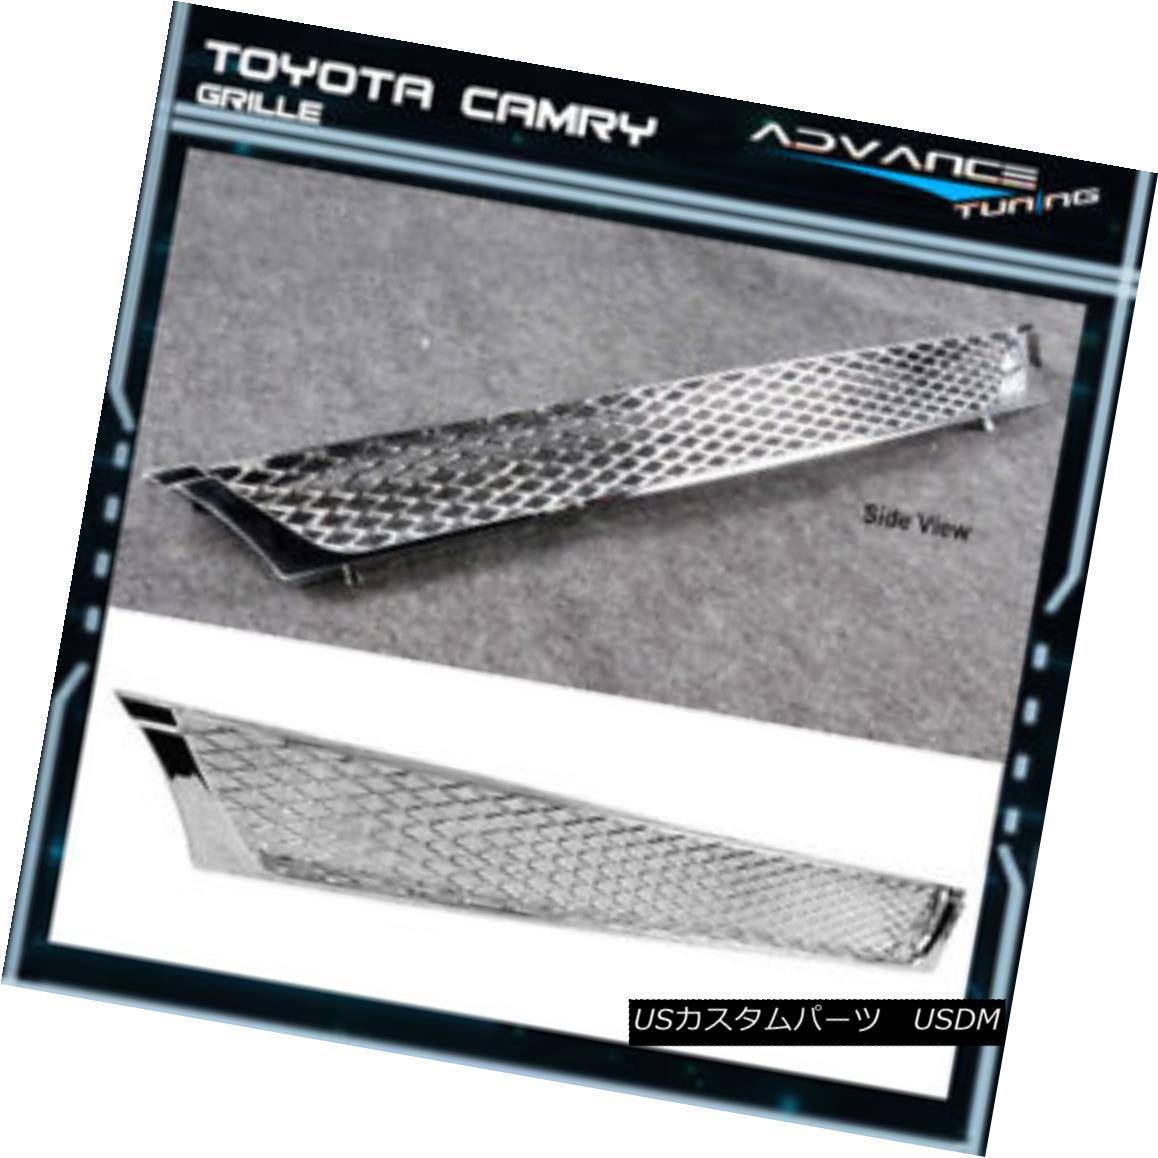 グリル Fit For 95 96 Toyota Camry Chrome Mesh Front Hood Grille Grill Brand New フィット95 95トヨタカムリクロムメッシュフロントフードグリルグリルブランニュー